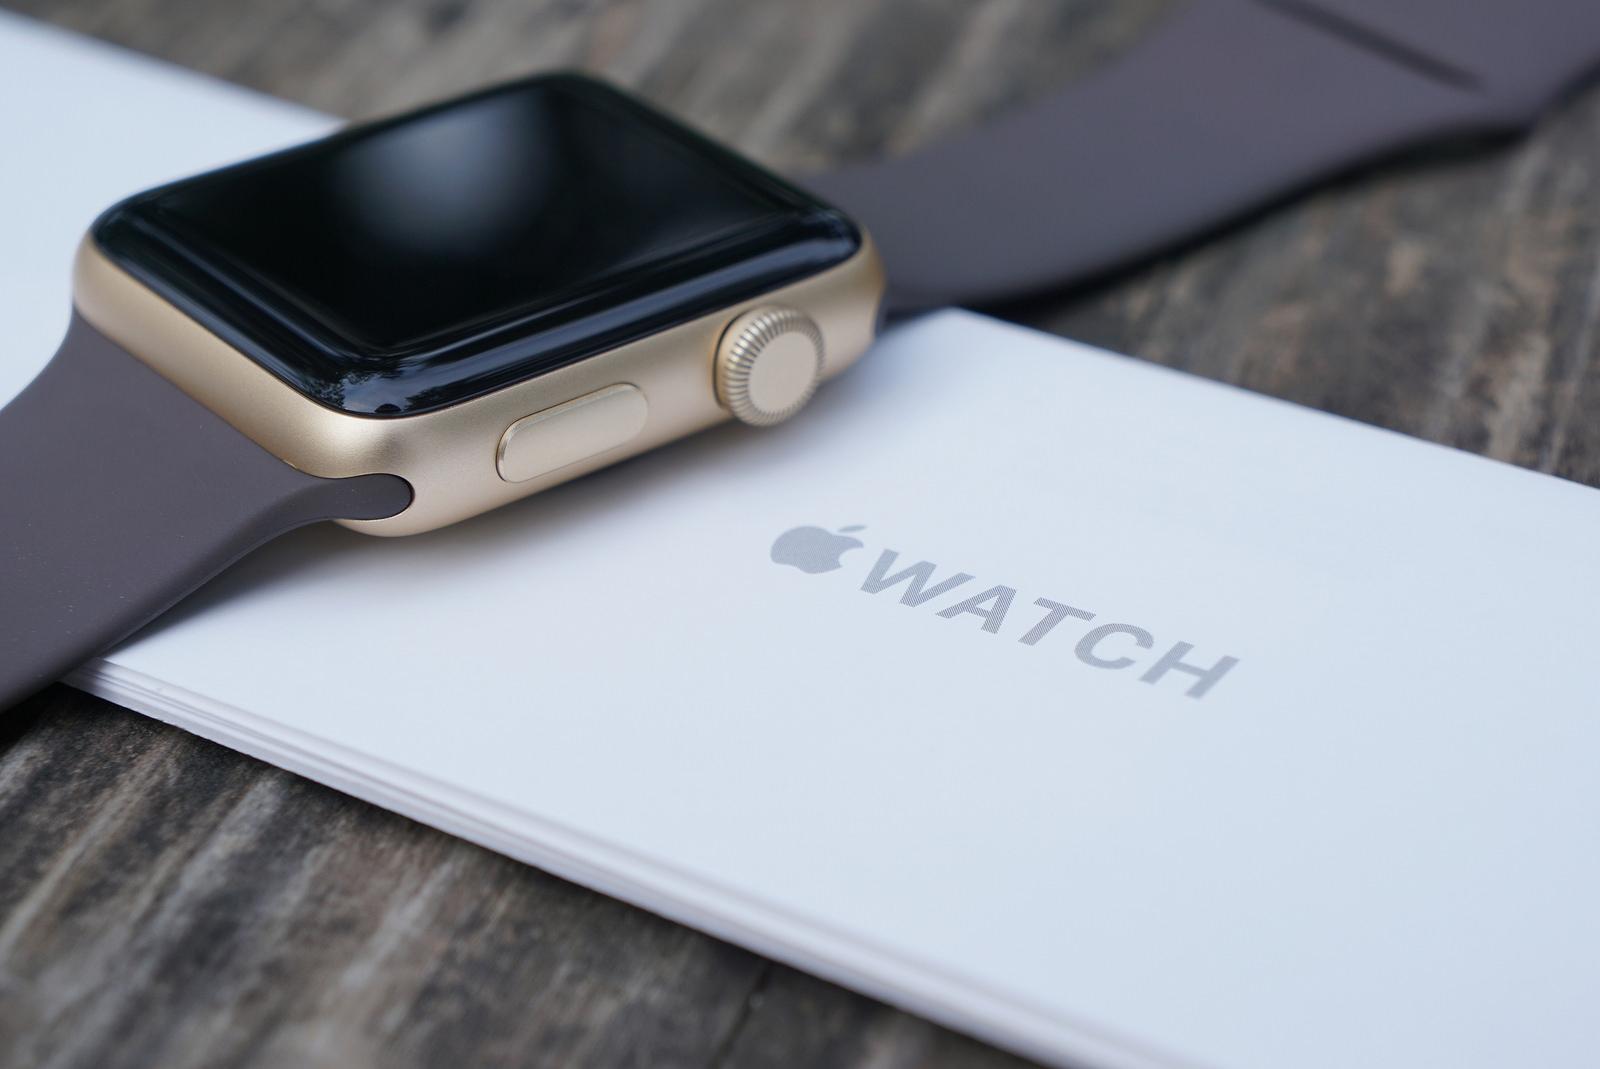 「Apple Watch Series 2」レビュー、60時間超の電池持ちを実現